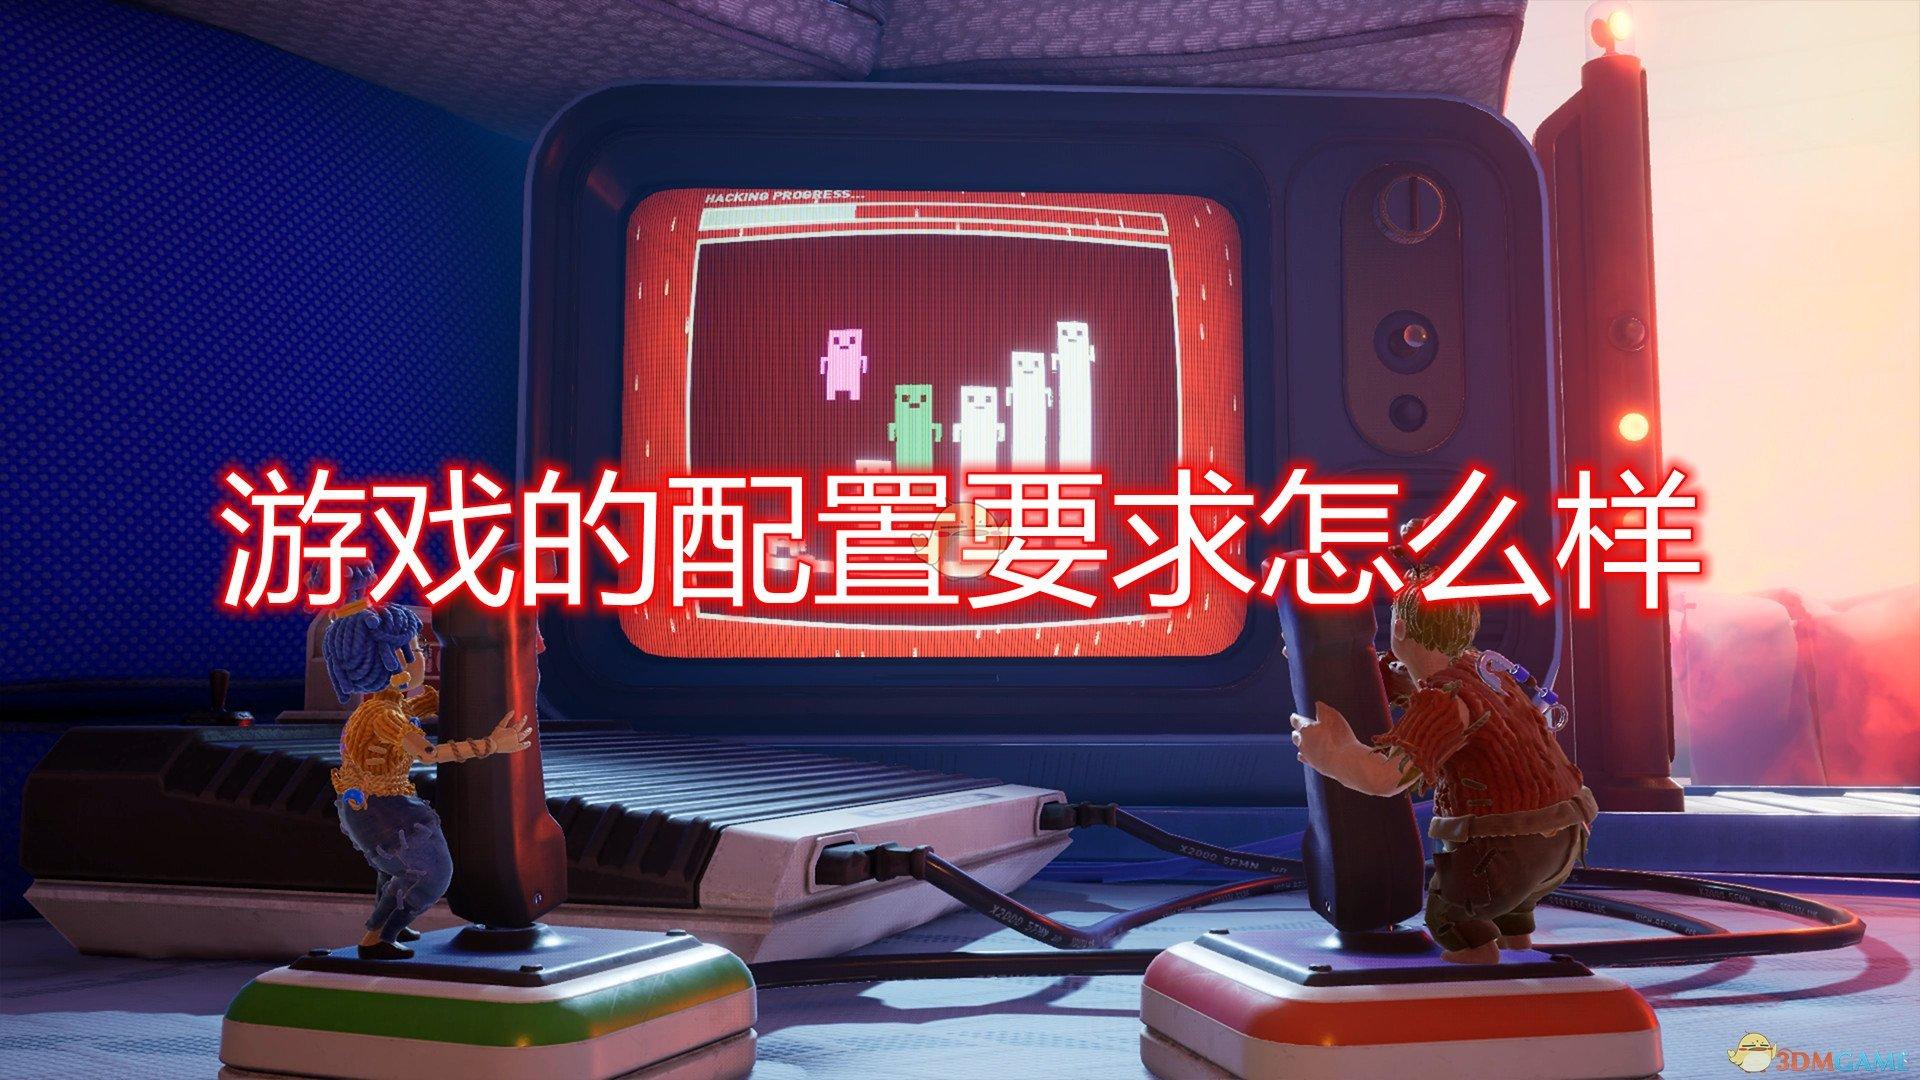 《双人成行》游戏配置要求一览